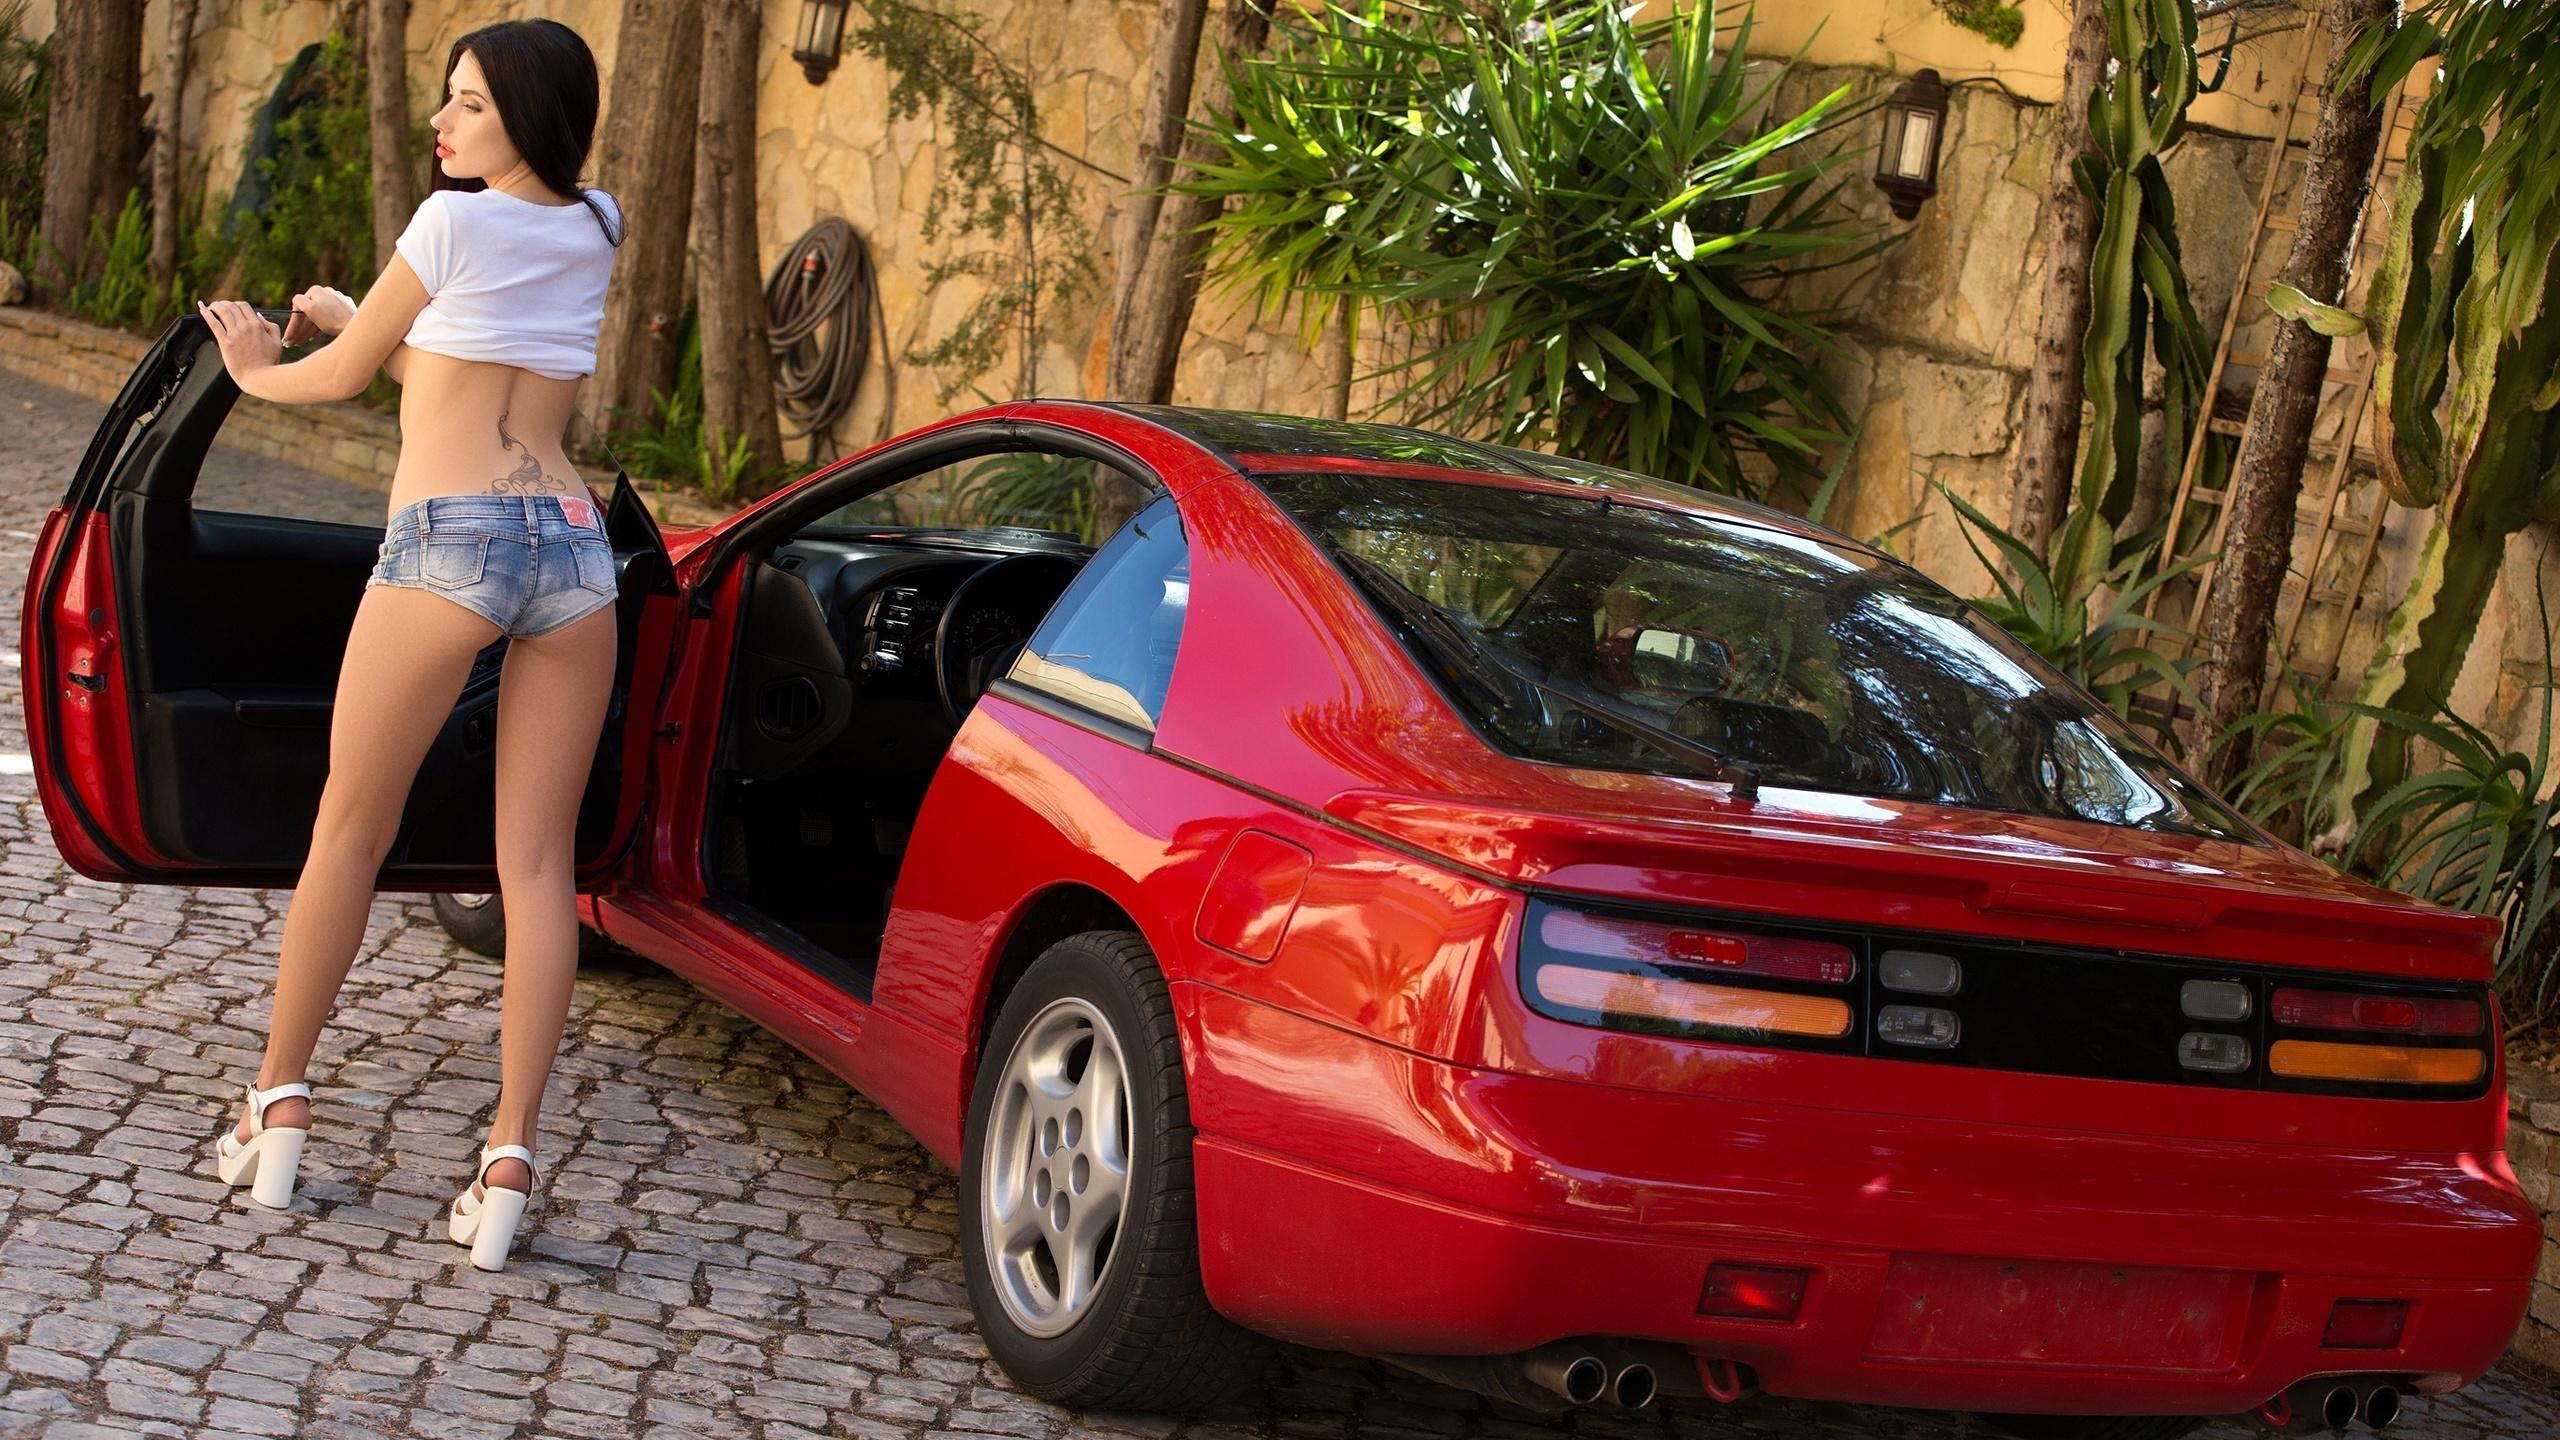 Фото авто девки, Сексуальные девушки и автомобили 27 фотография